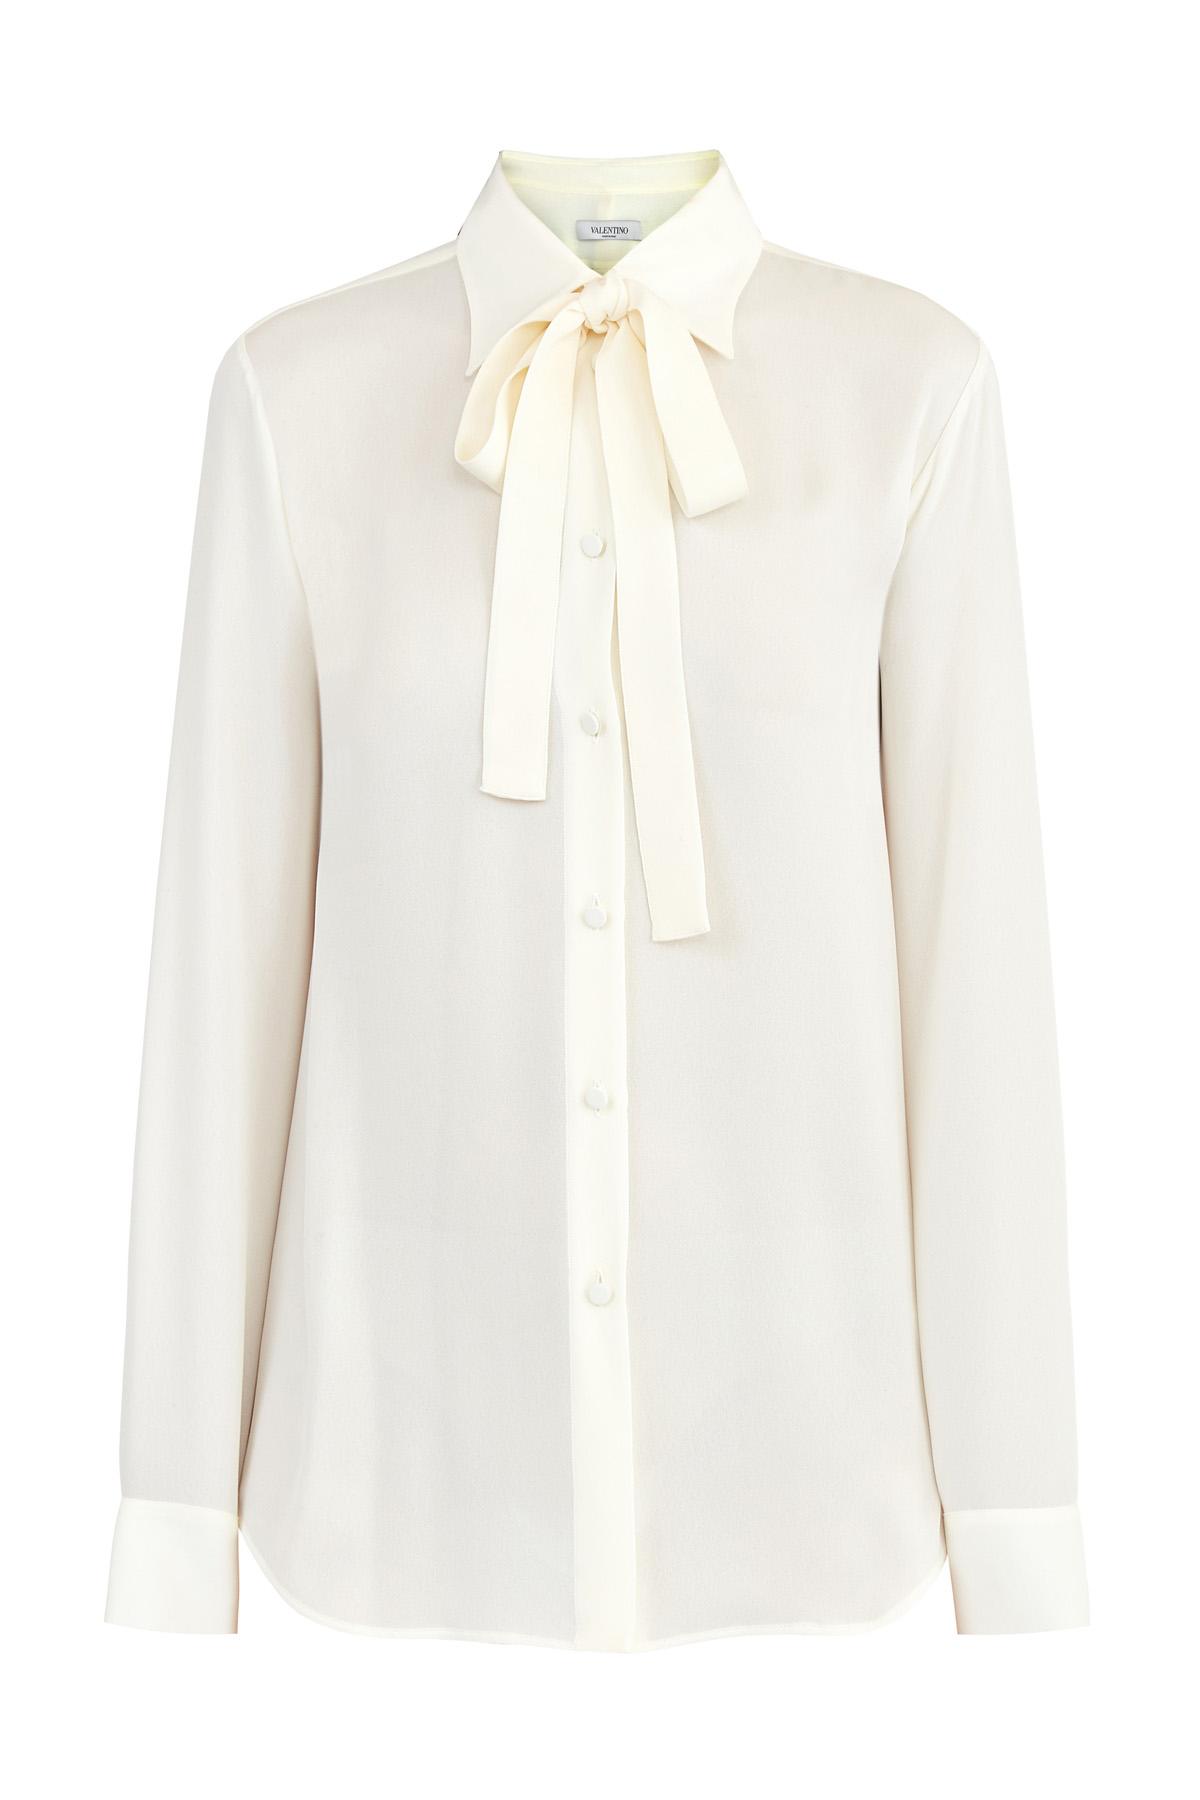 Купить Шелковая блуза молочно-белого оттенка с лентами на вороте, VALENTINO, Италия, шелк 100%